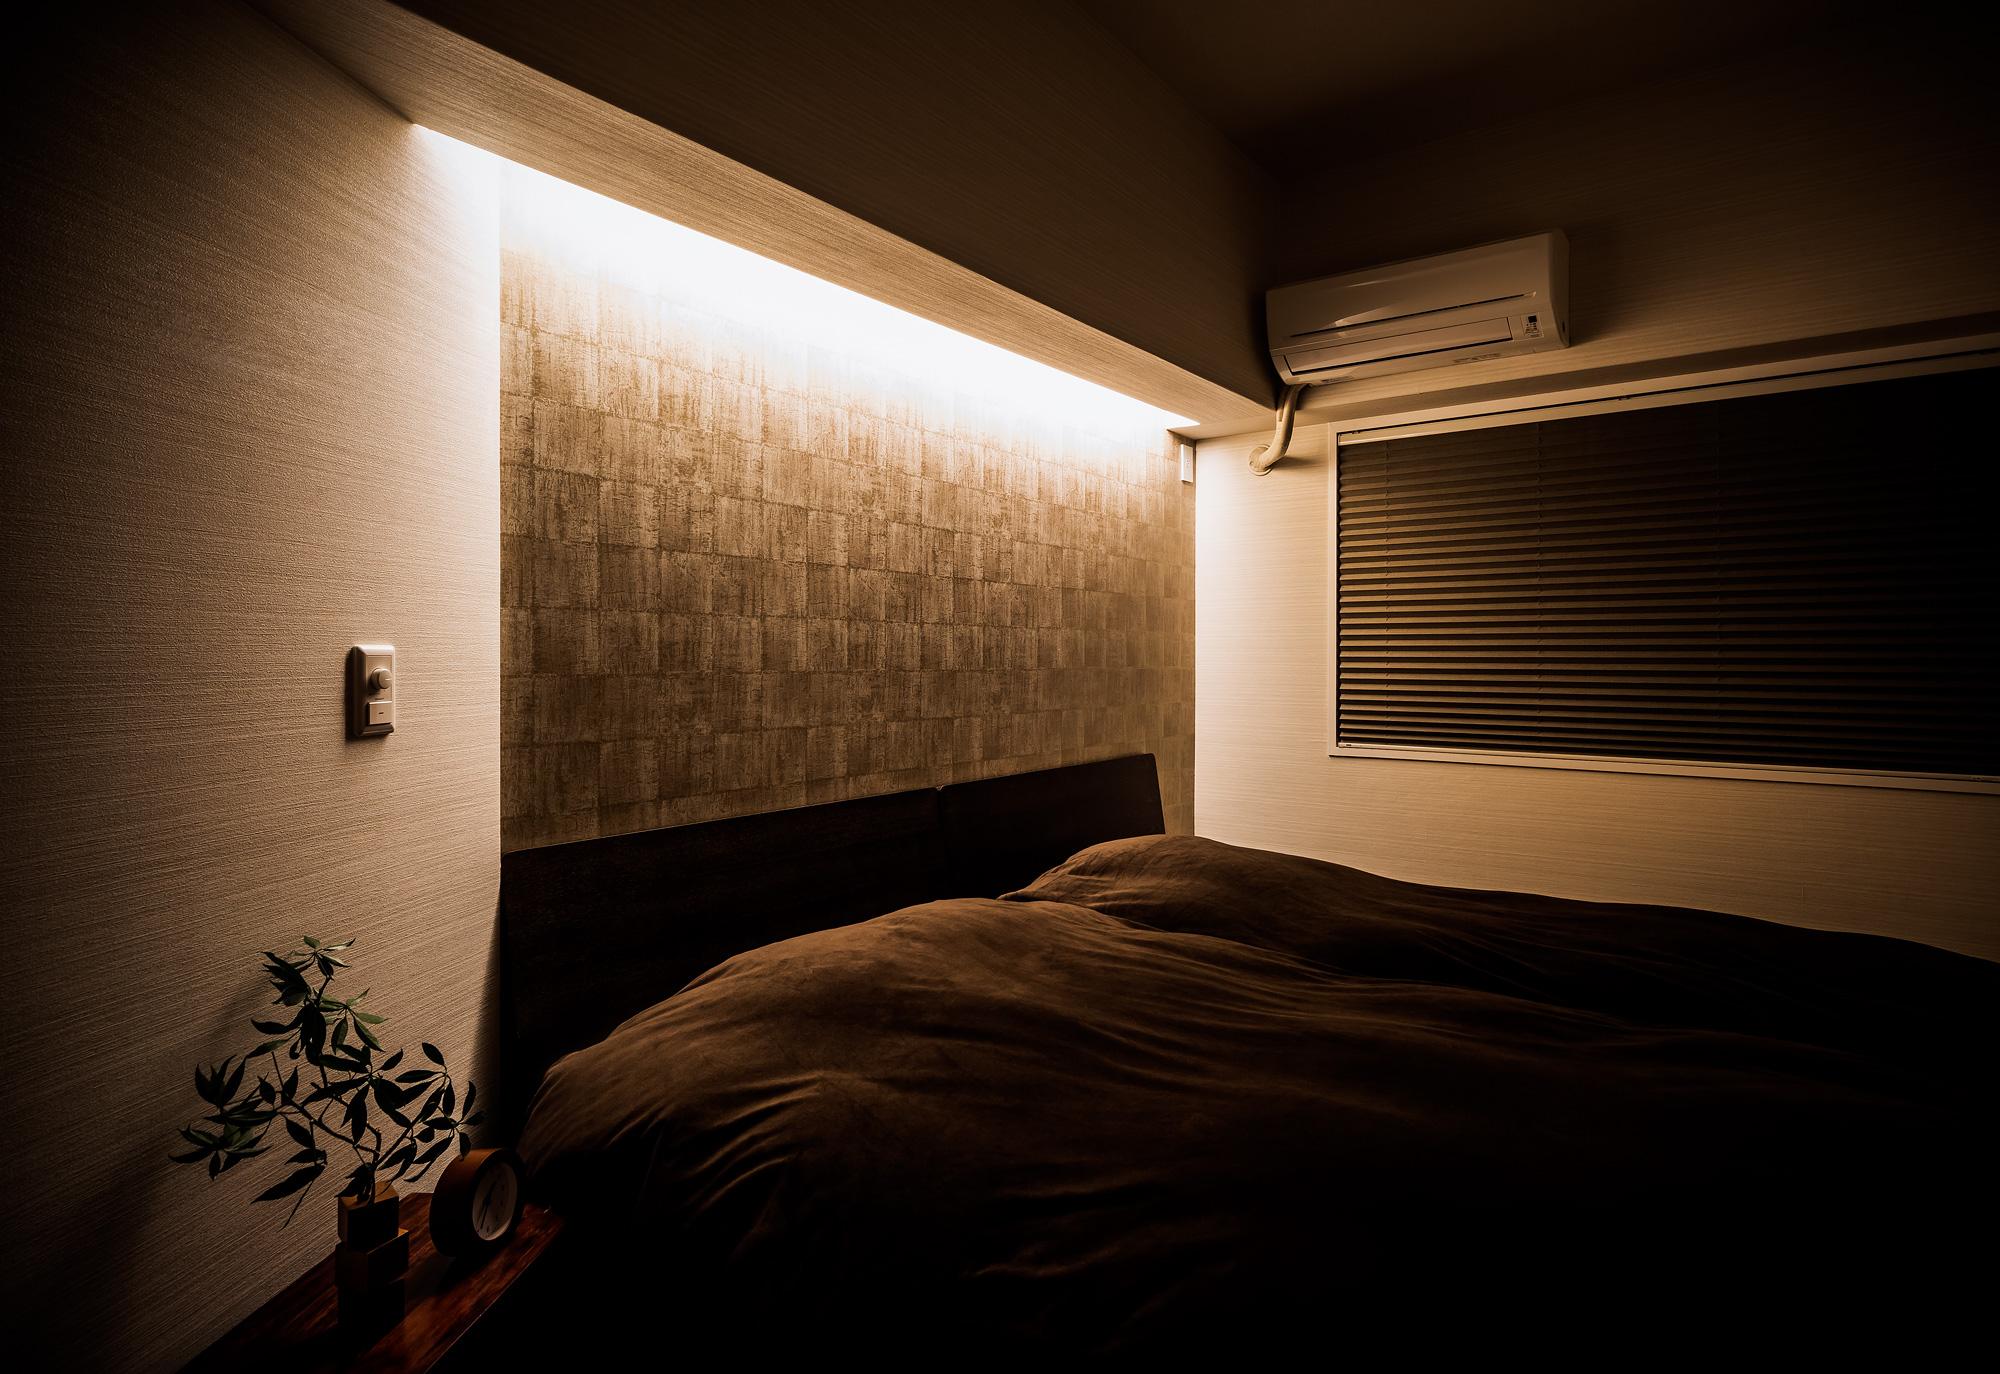 ベッドルーム: 異なる素材を際立たせるために設置した、壁ぎわの間接照明は調光機能つきで、常夜灯の役目も果たします